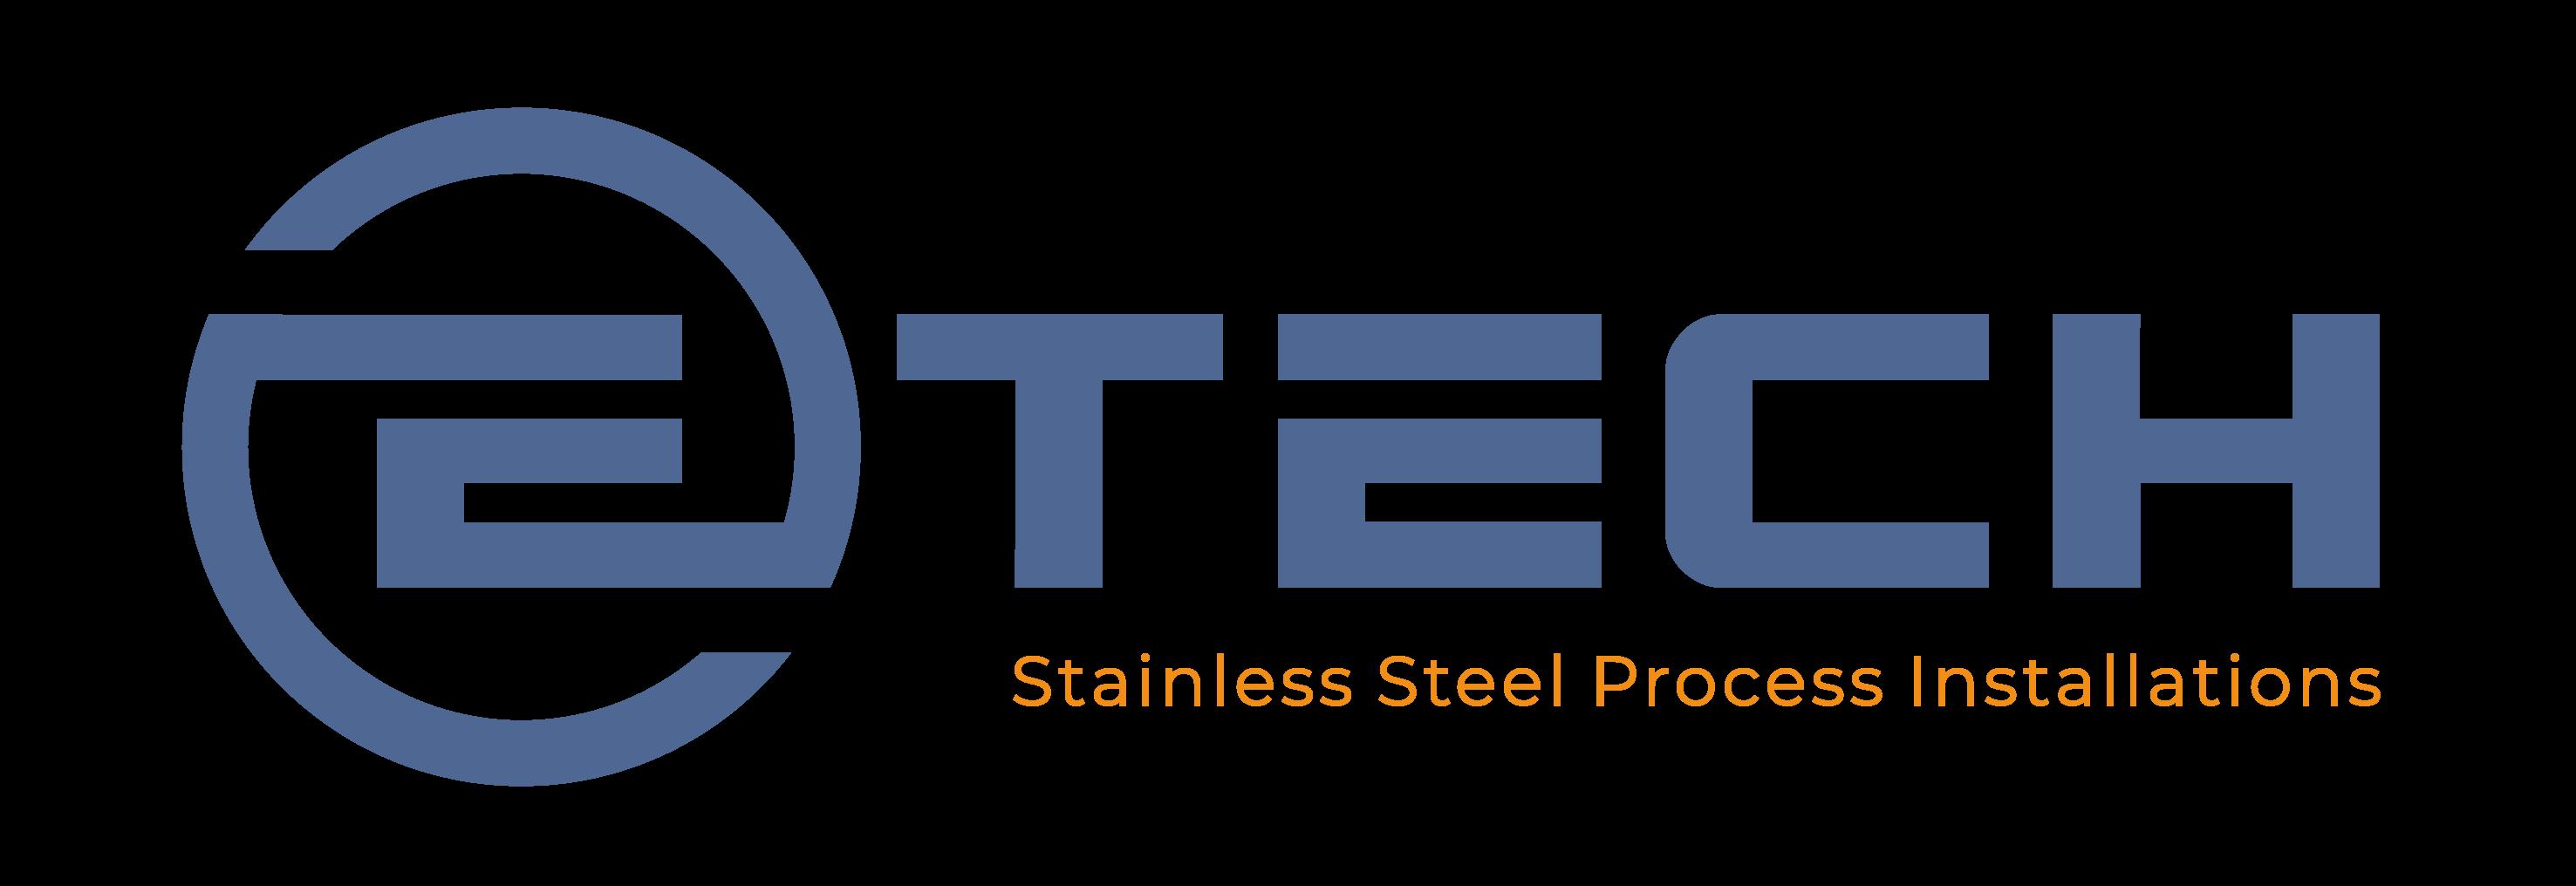 etech_logo